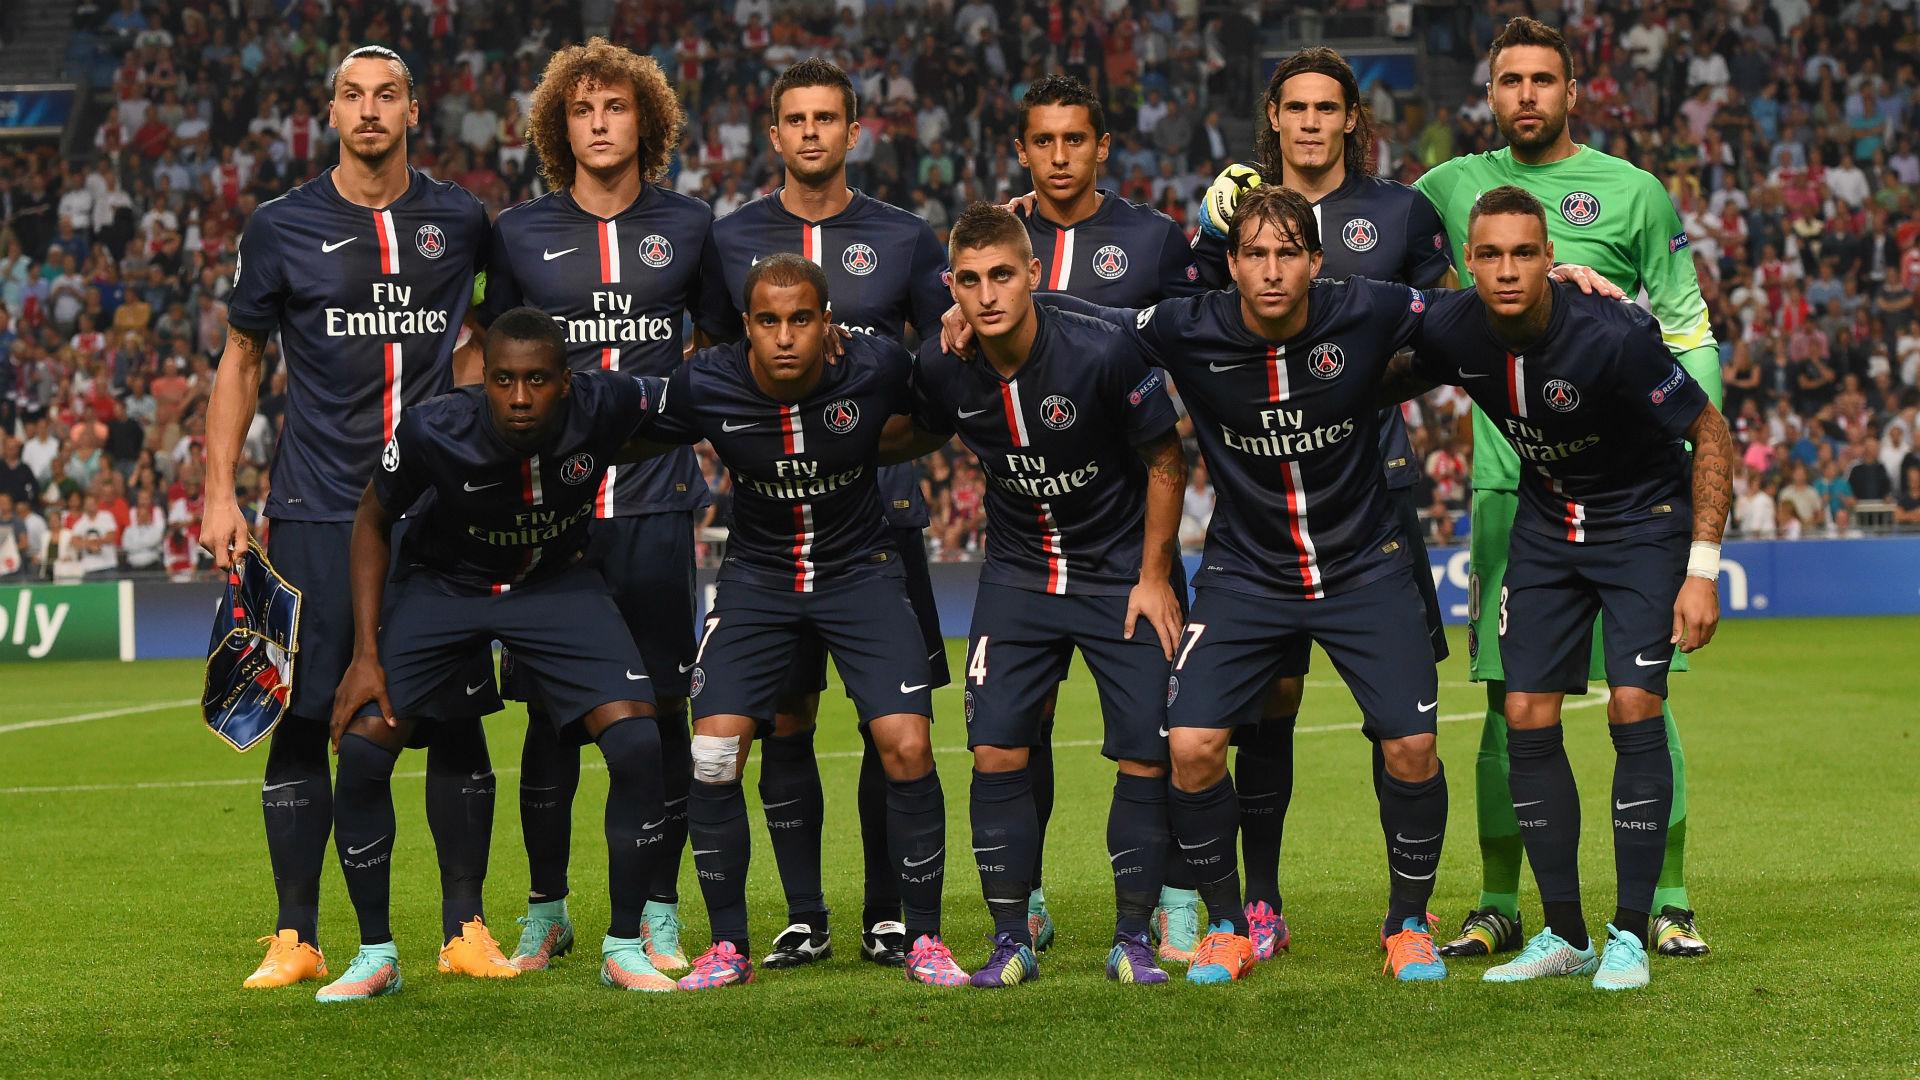 paris saint germain champions league